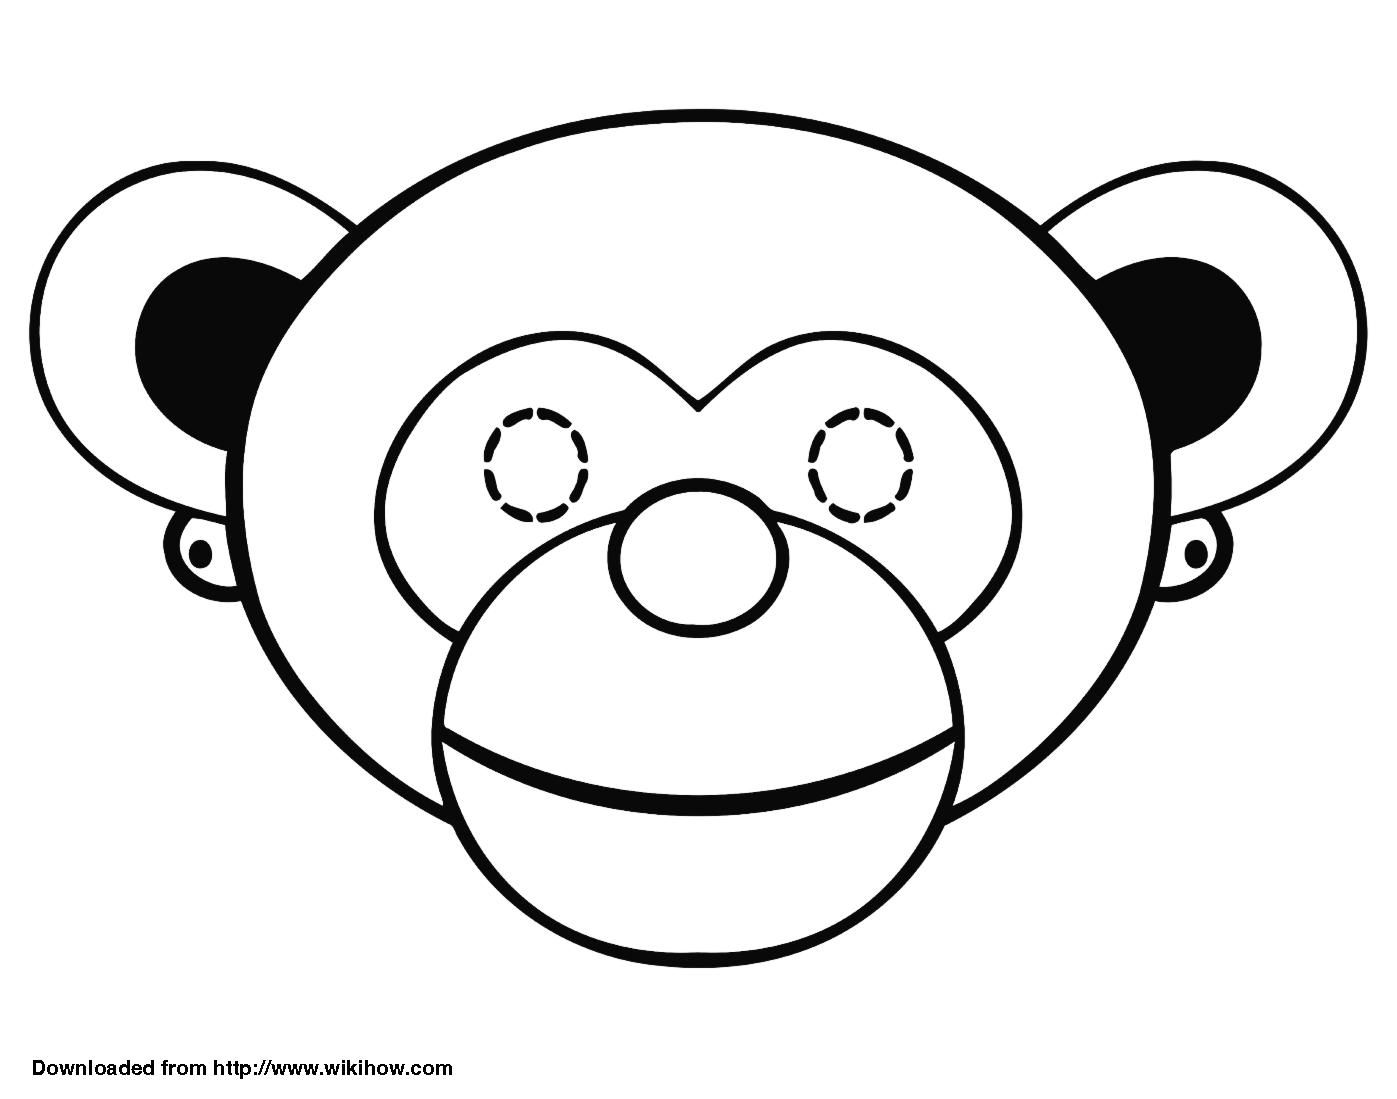 Μικροί μπελάδες: Ας μεταμφιεστούμε σε ζωάκια: 12 τσαχπίνικες μάσκες έτοιμες  για εκτύπωση.! Animal Mask TemplatesAnimal MasksTemplates FreeClip ...  Free Mask Templates